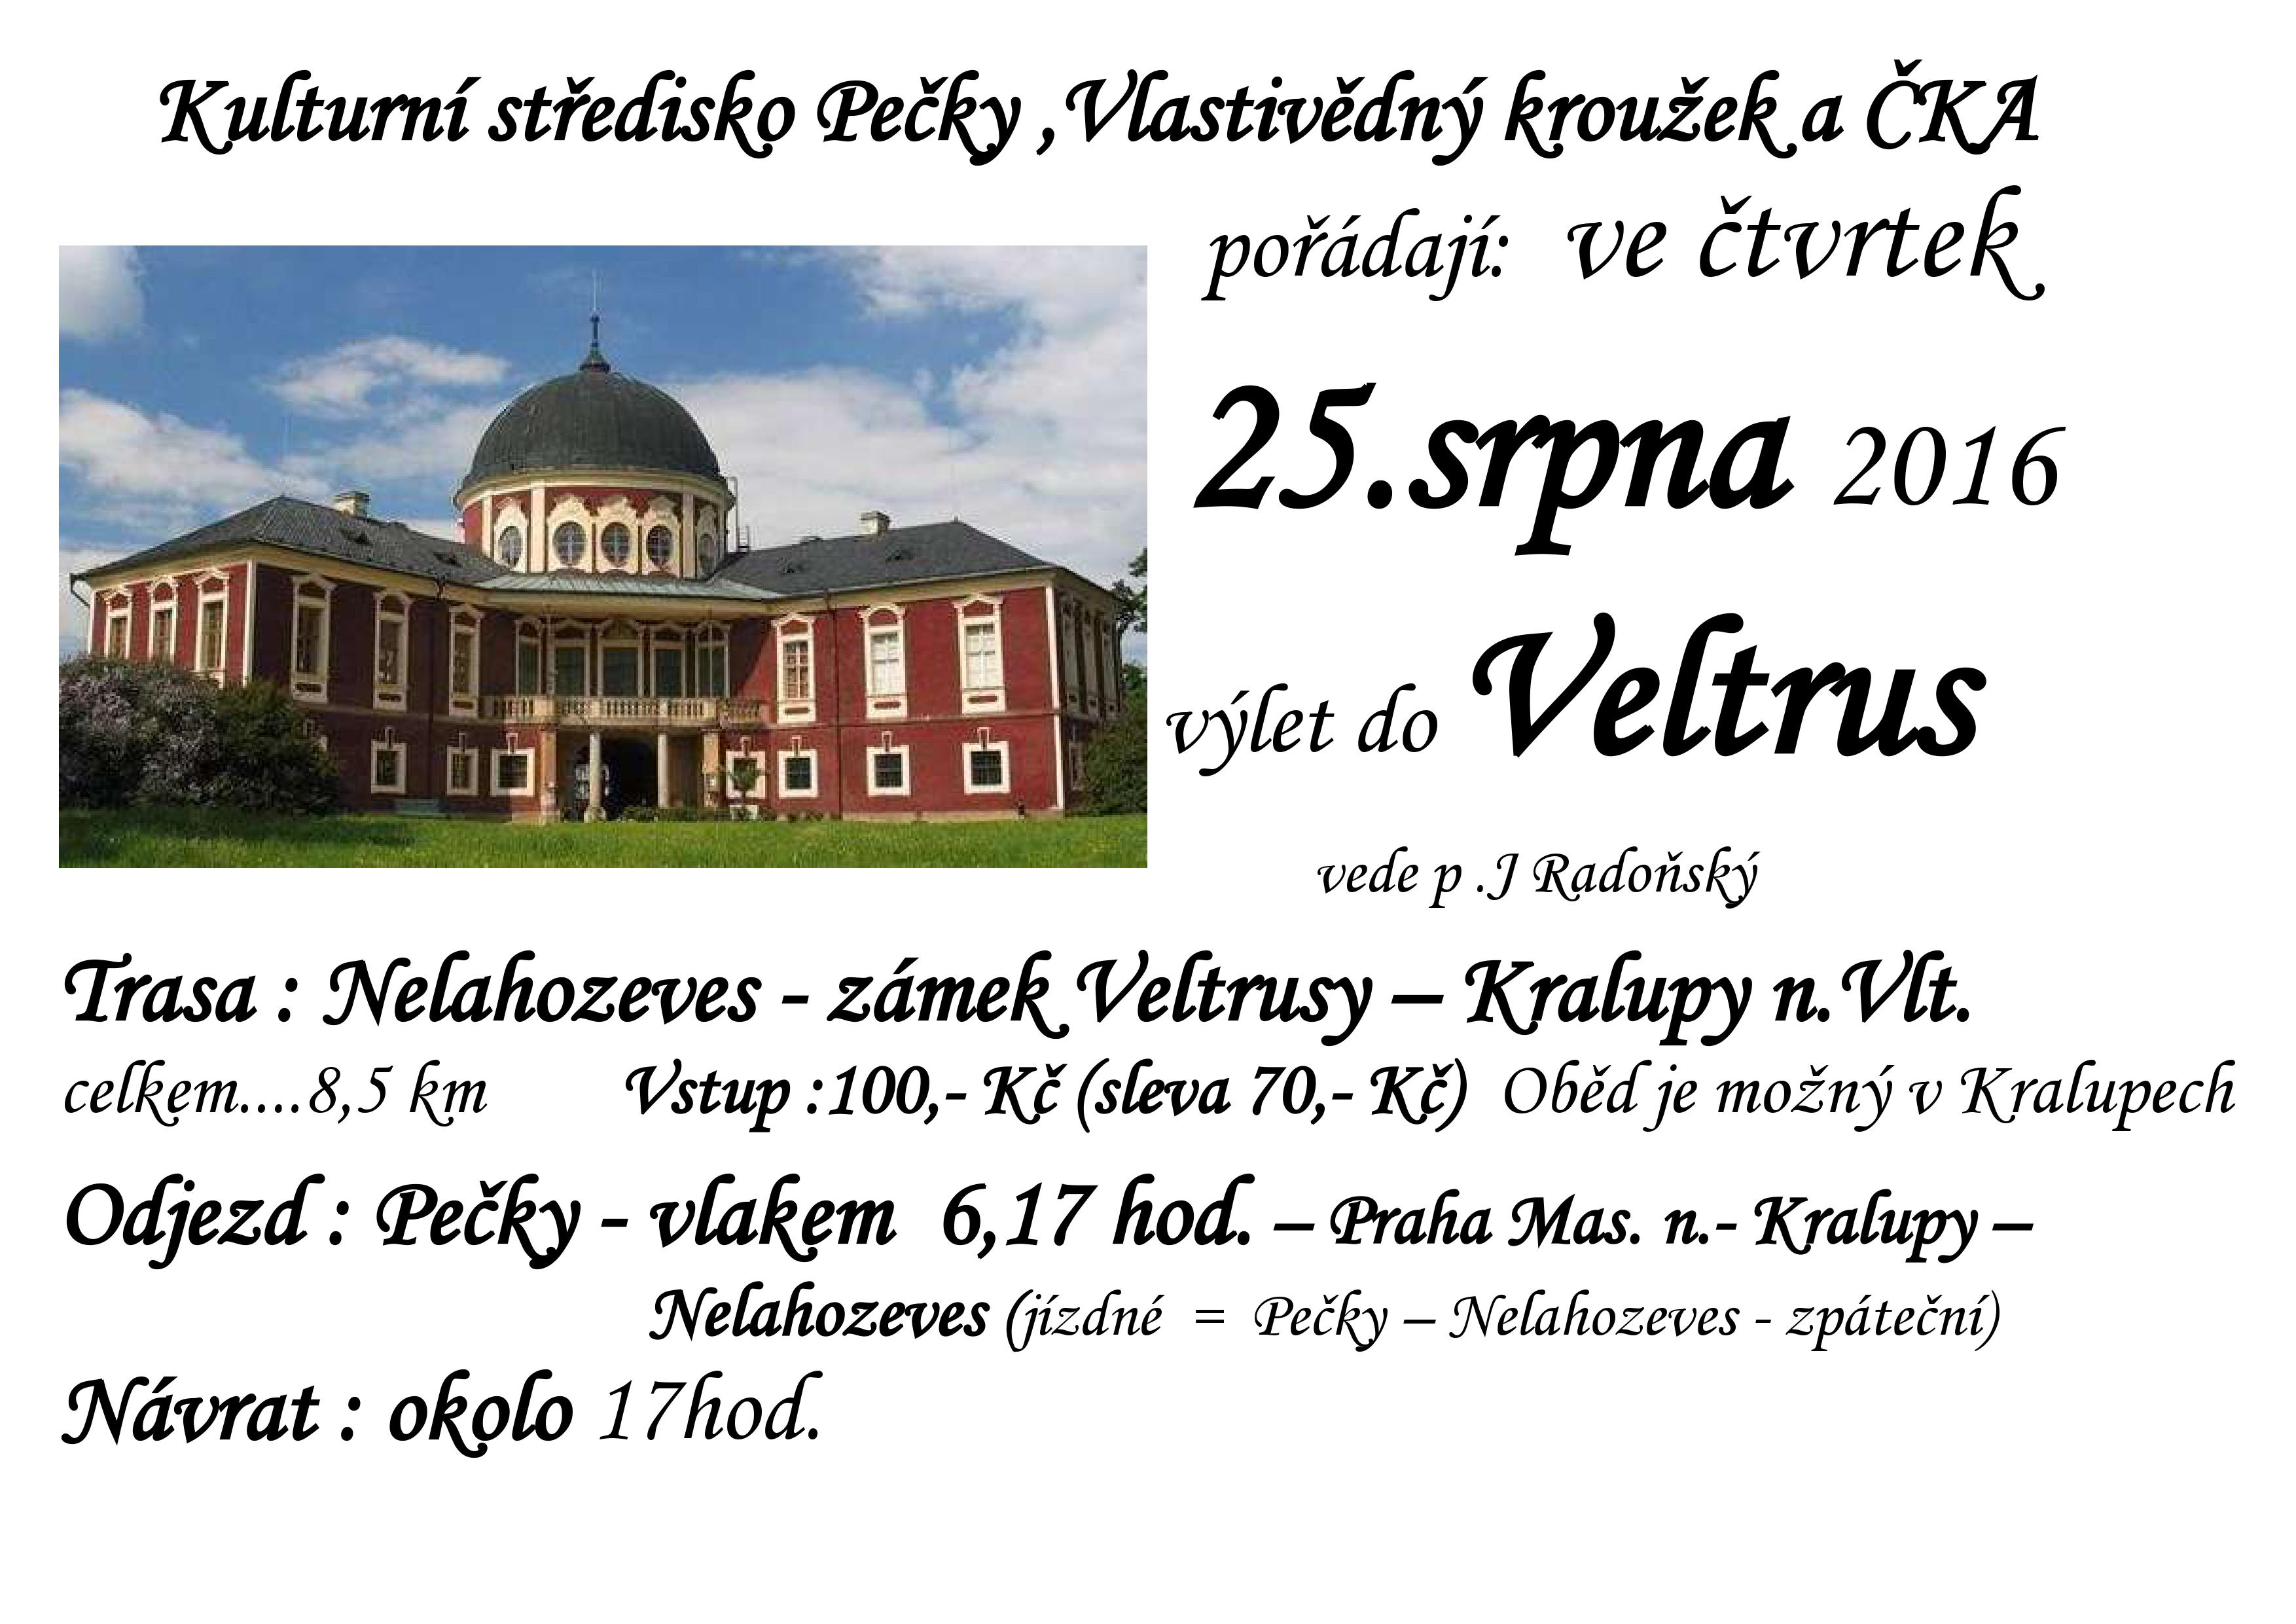 Výlet do Veltrus, obrázek se otevře v novém okně